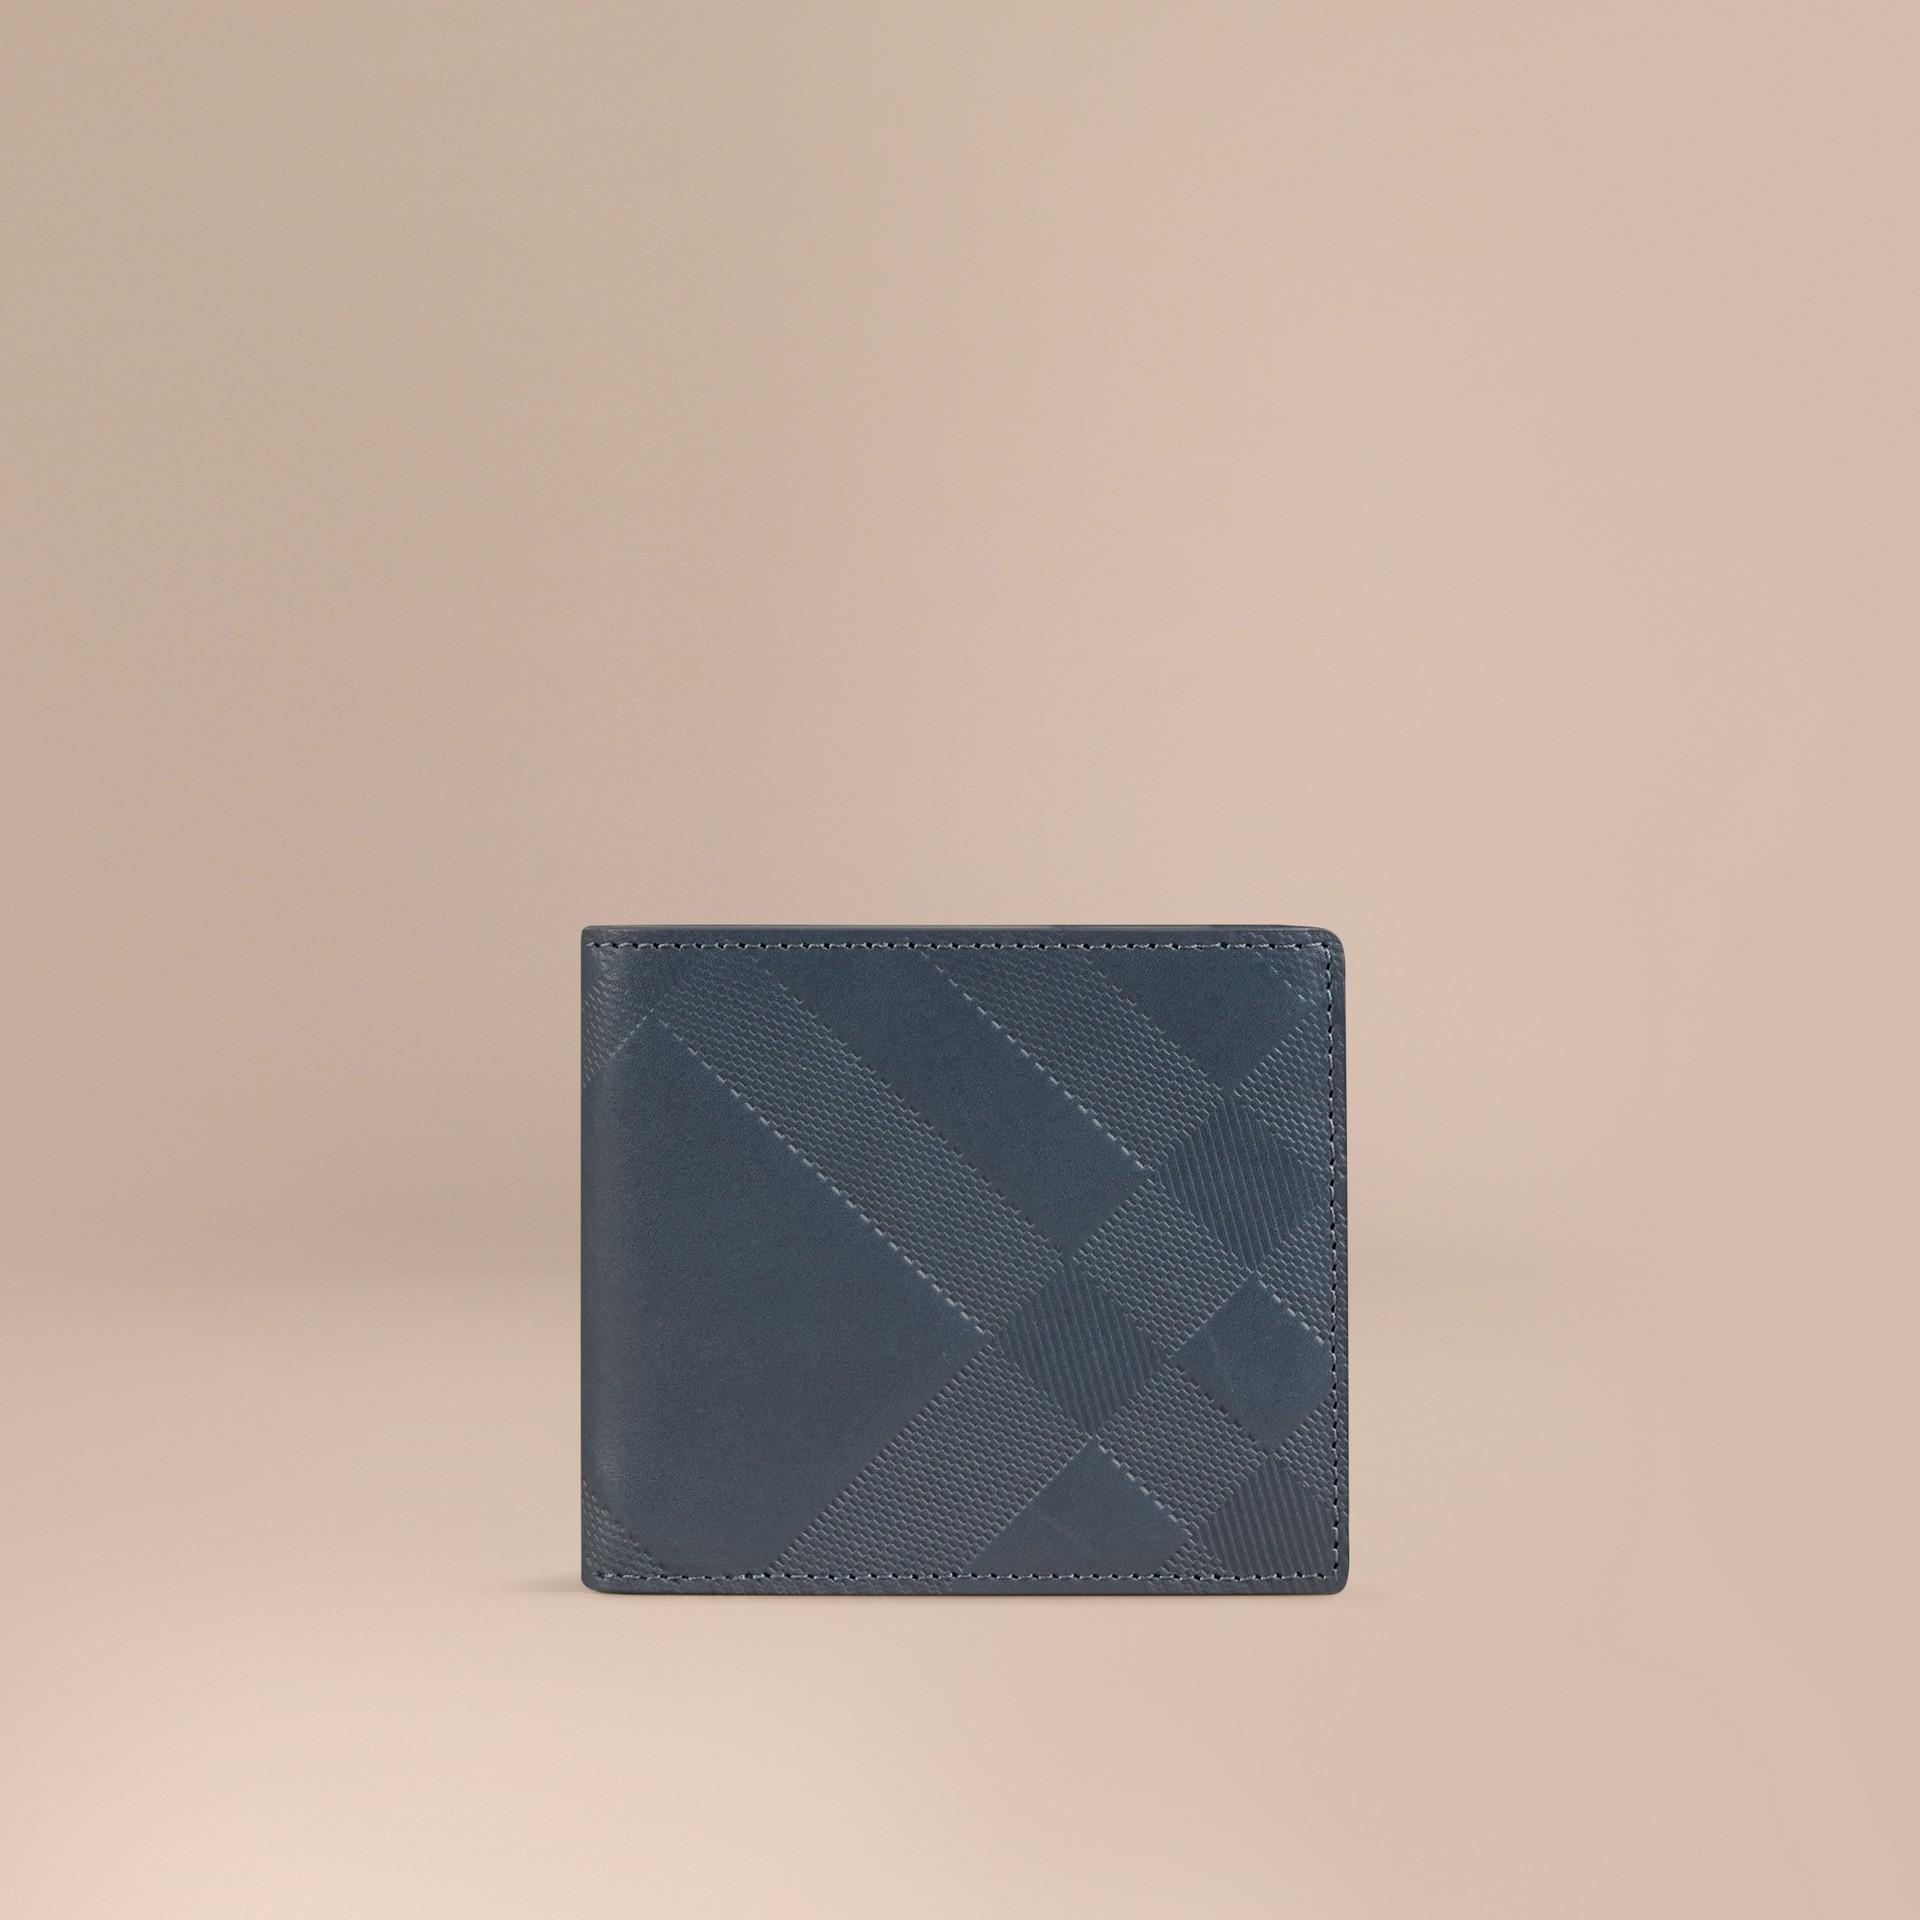 Steel blue Carteira dobrável de couro com estampa xadrez em relevo Steel Blue - galeria de imagens 1